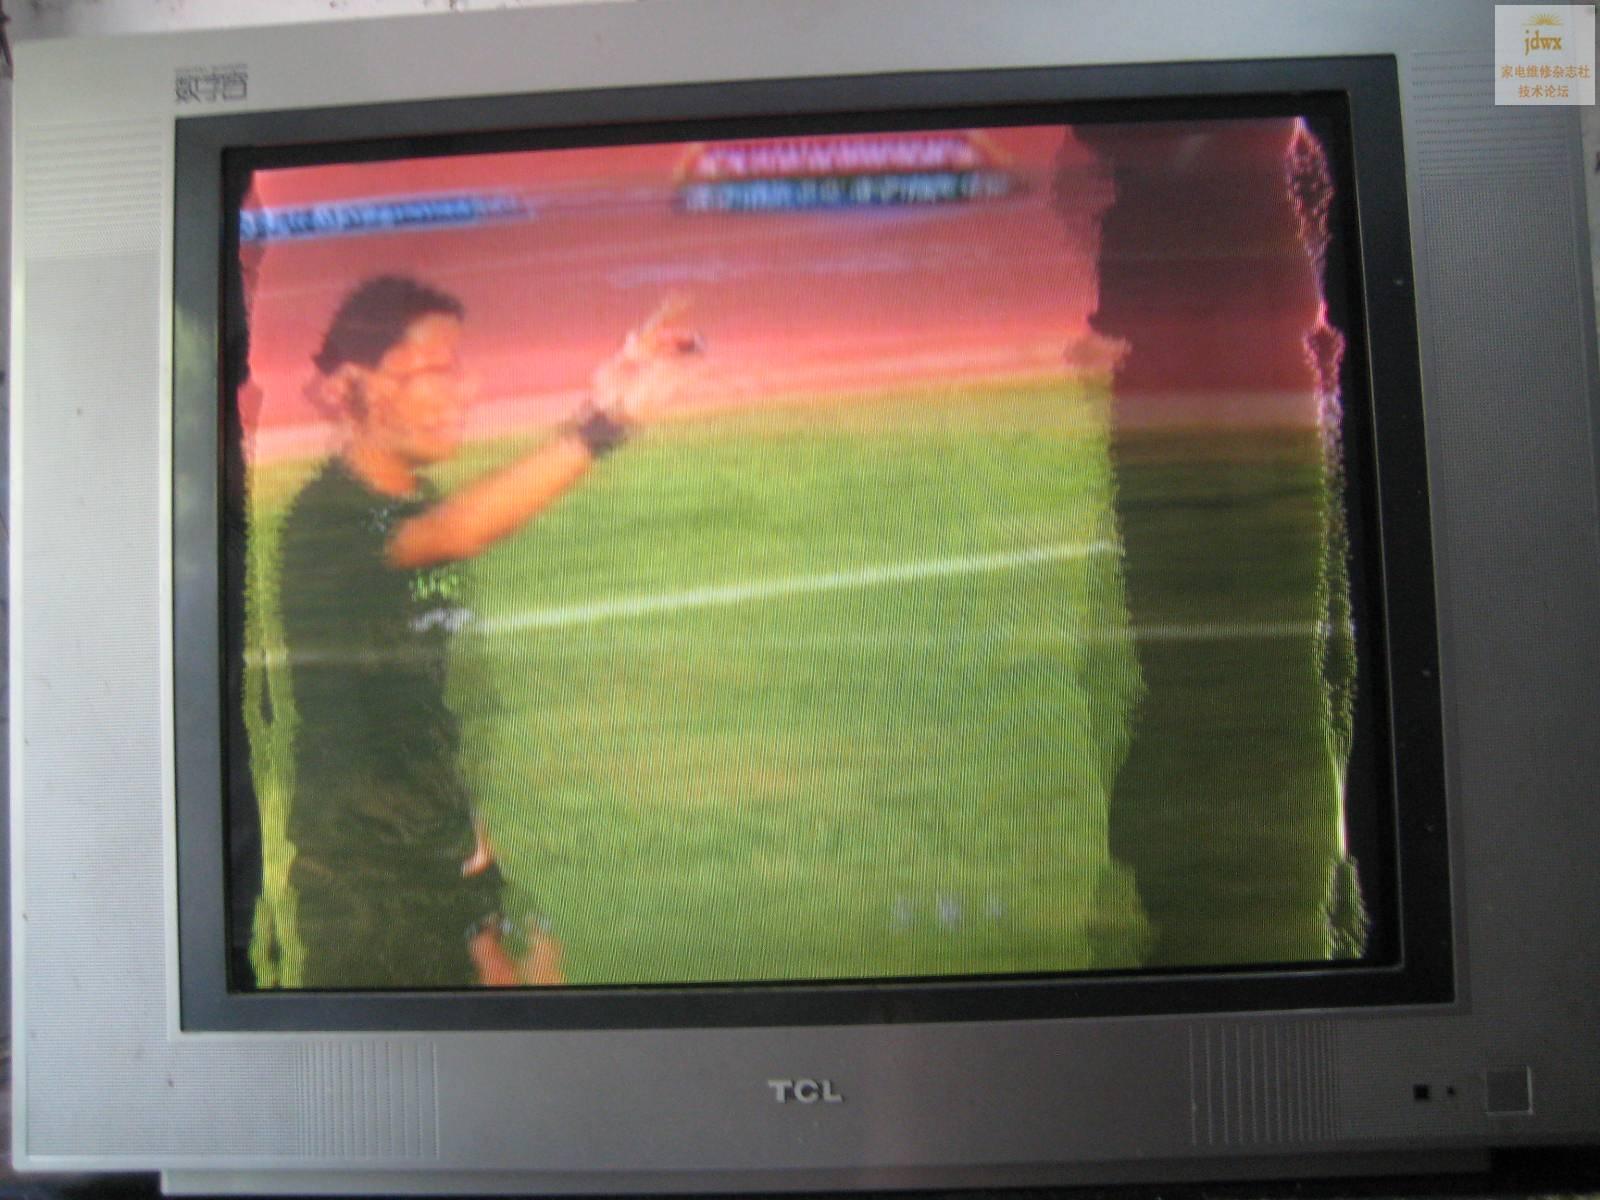 修一台tcl hid34189pb电视图像故障,如图所示,我检查了主电压,枕校管